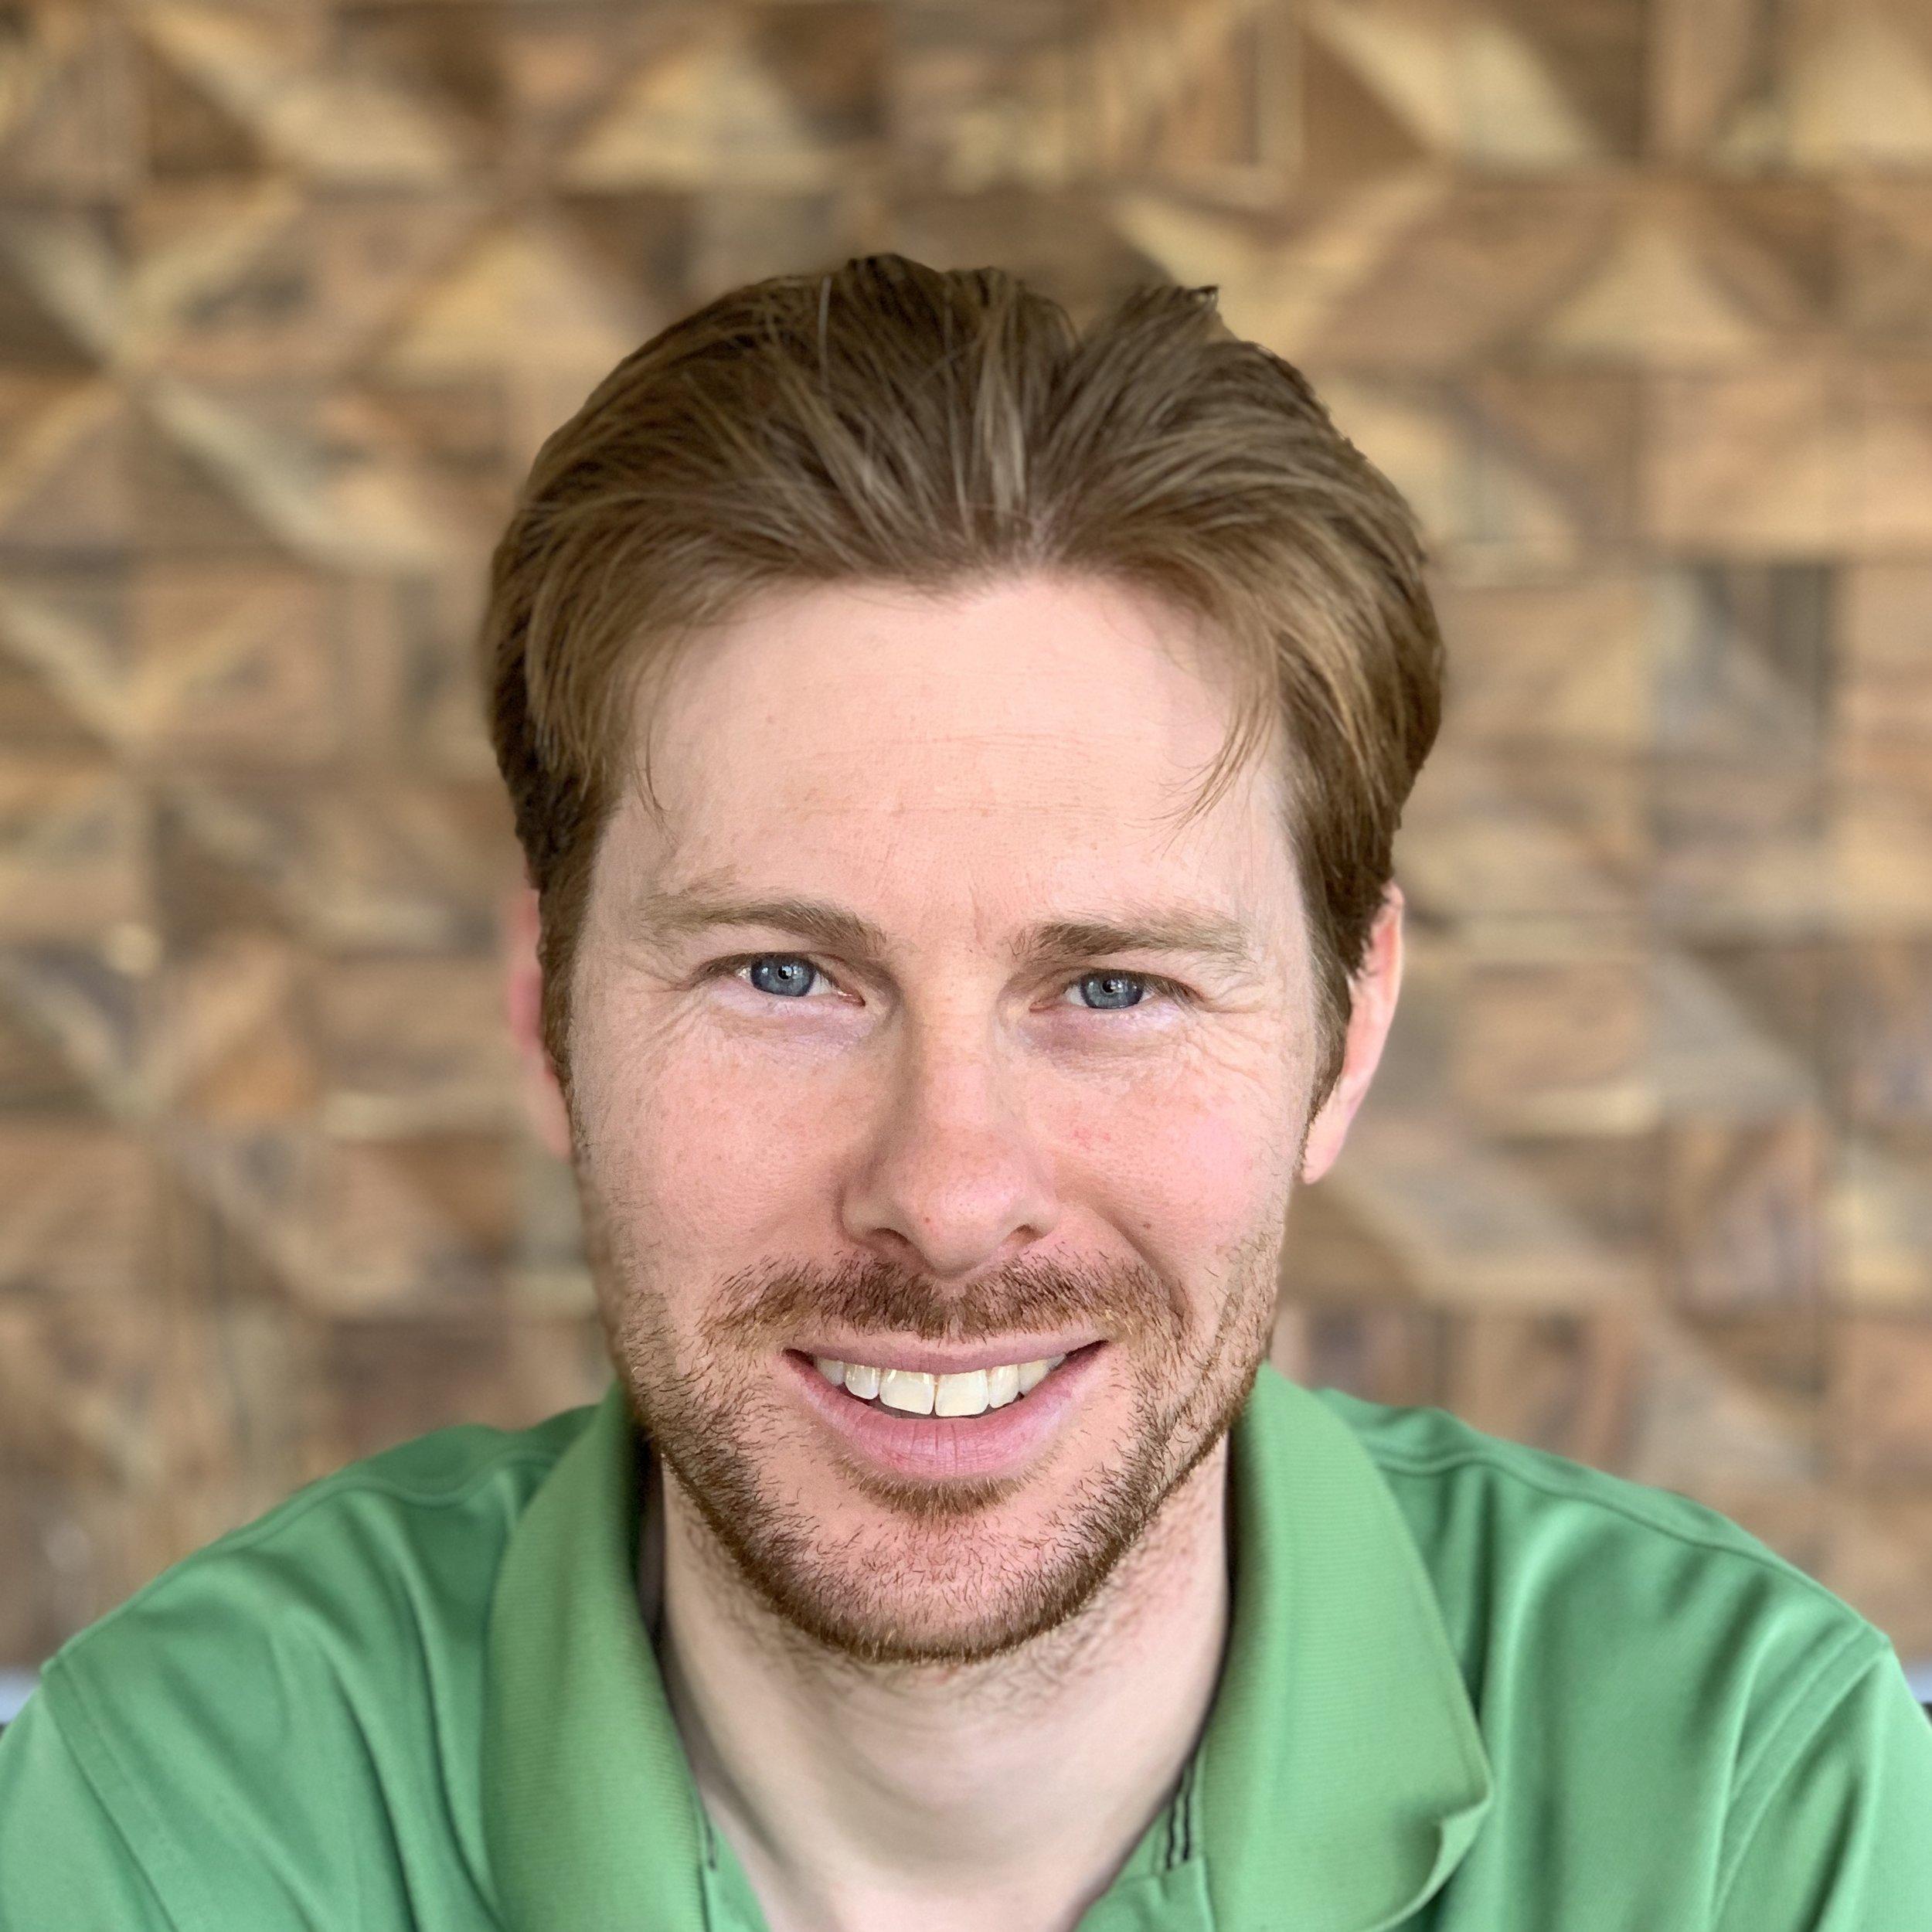 Matt Bergheger